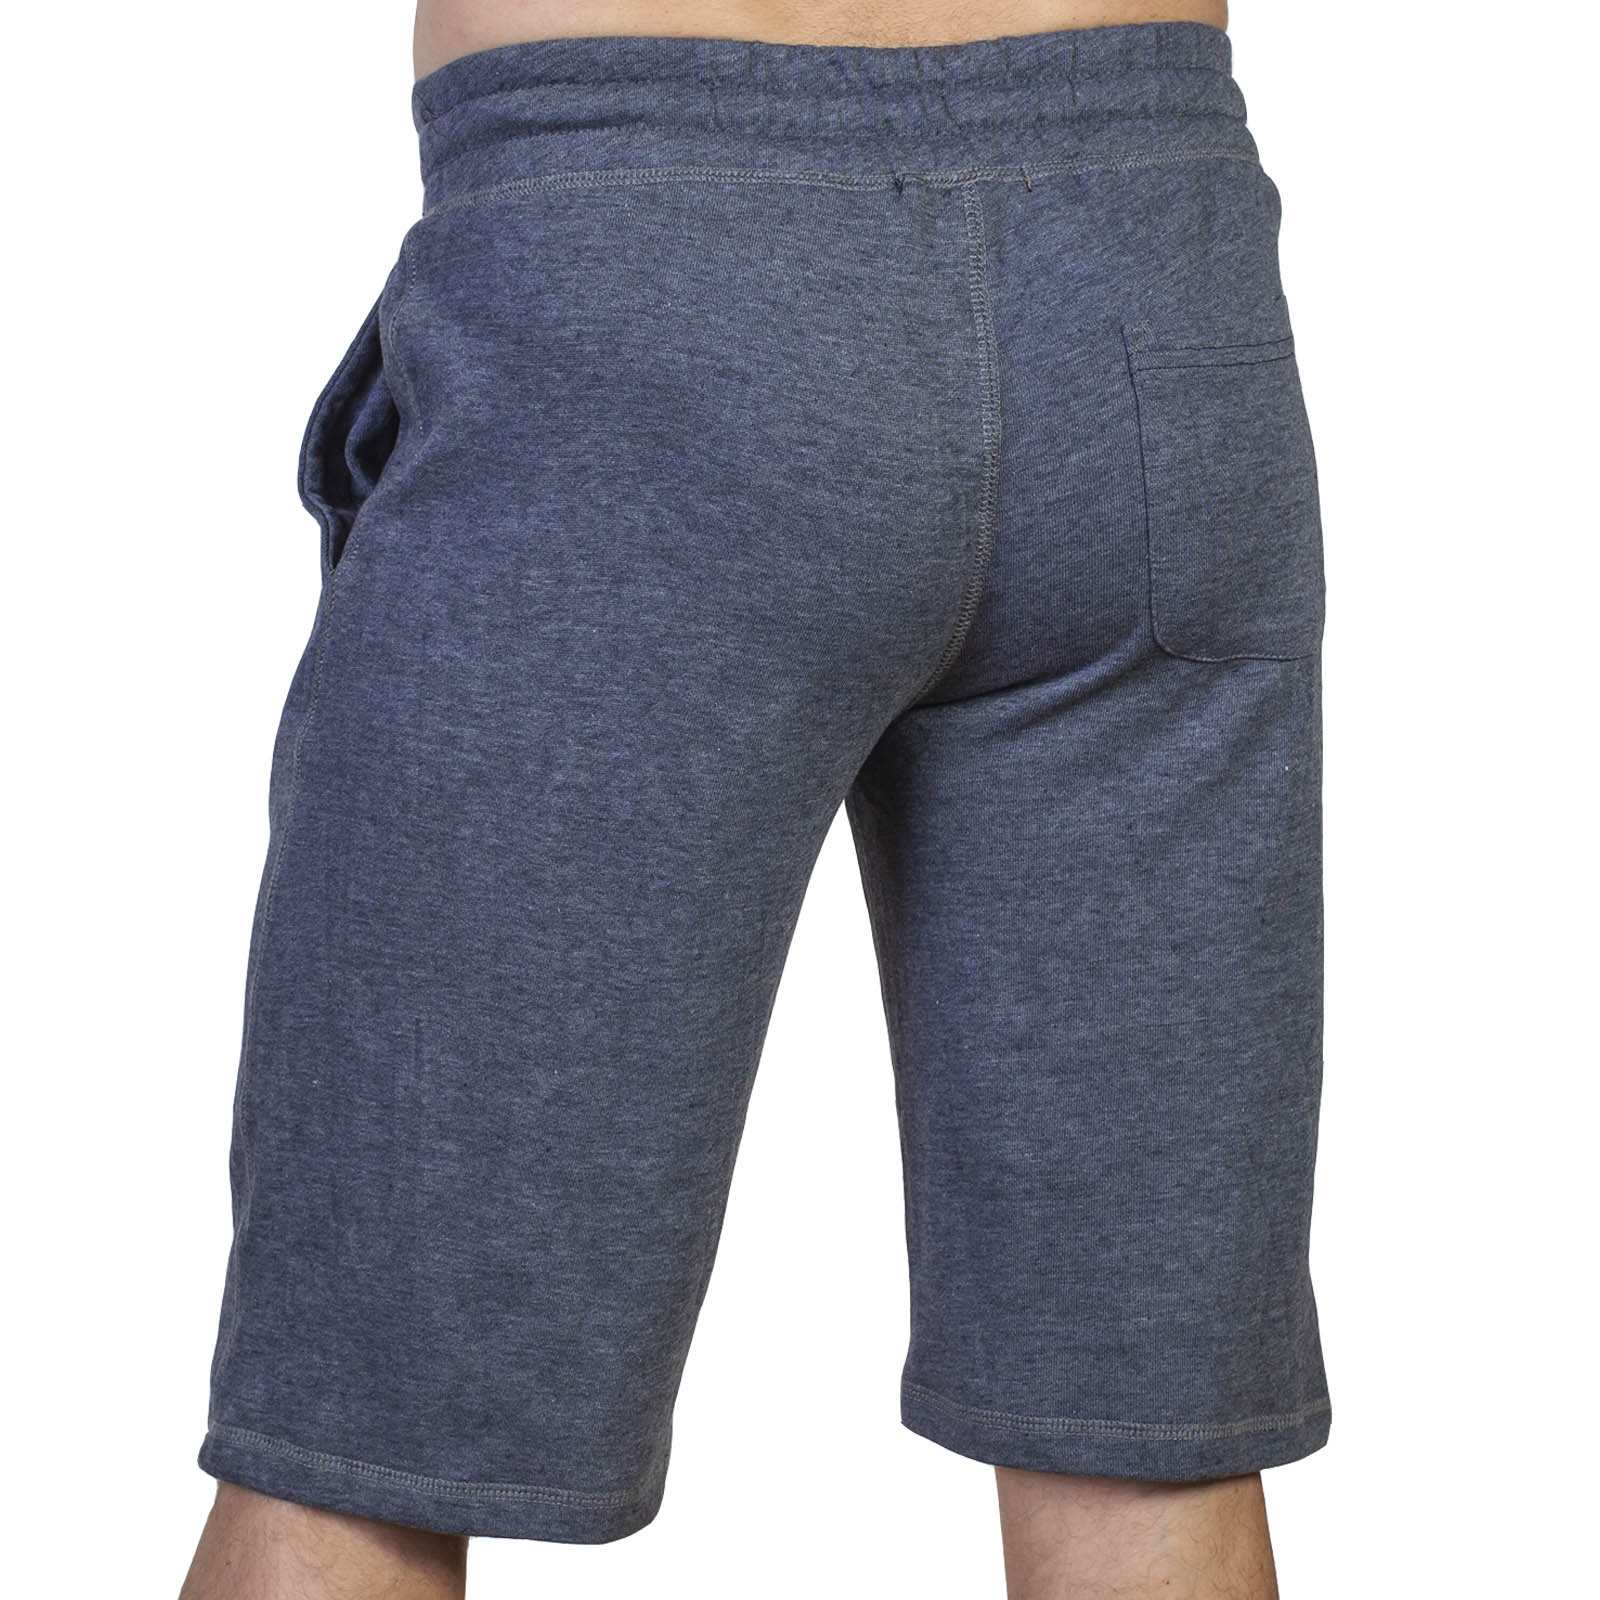 Купить мужские шорты в интернет магазине Военпро – большой выбор очень недорогих модных фасонов